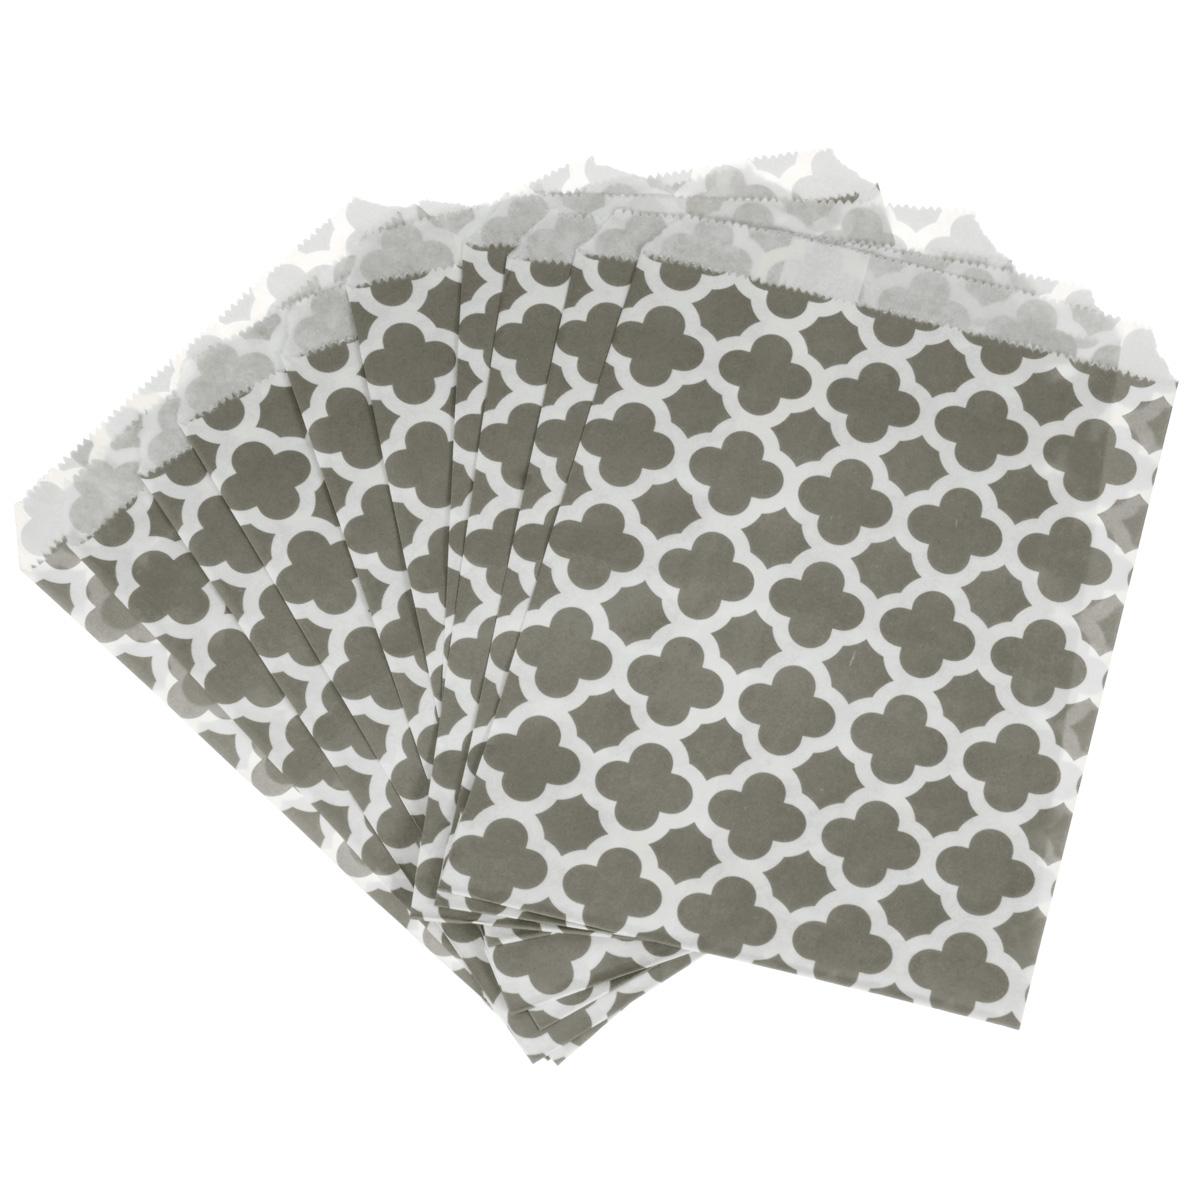 Пакеты бумажные Dolce Arti Arabesque, для выпекания, цвет: серый, 10 штDA040207Бумажные пакеты Dolce Arti Arabesque очень многофункциональны. Их можно использовать насколько хватит вашей фантазии: для выпекания, для упаковки маленьких подарков, сладостей и многого другого. Размер: 13 см х 18 см.